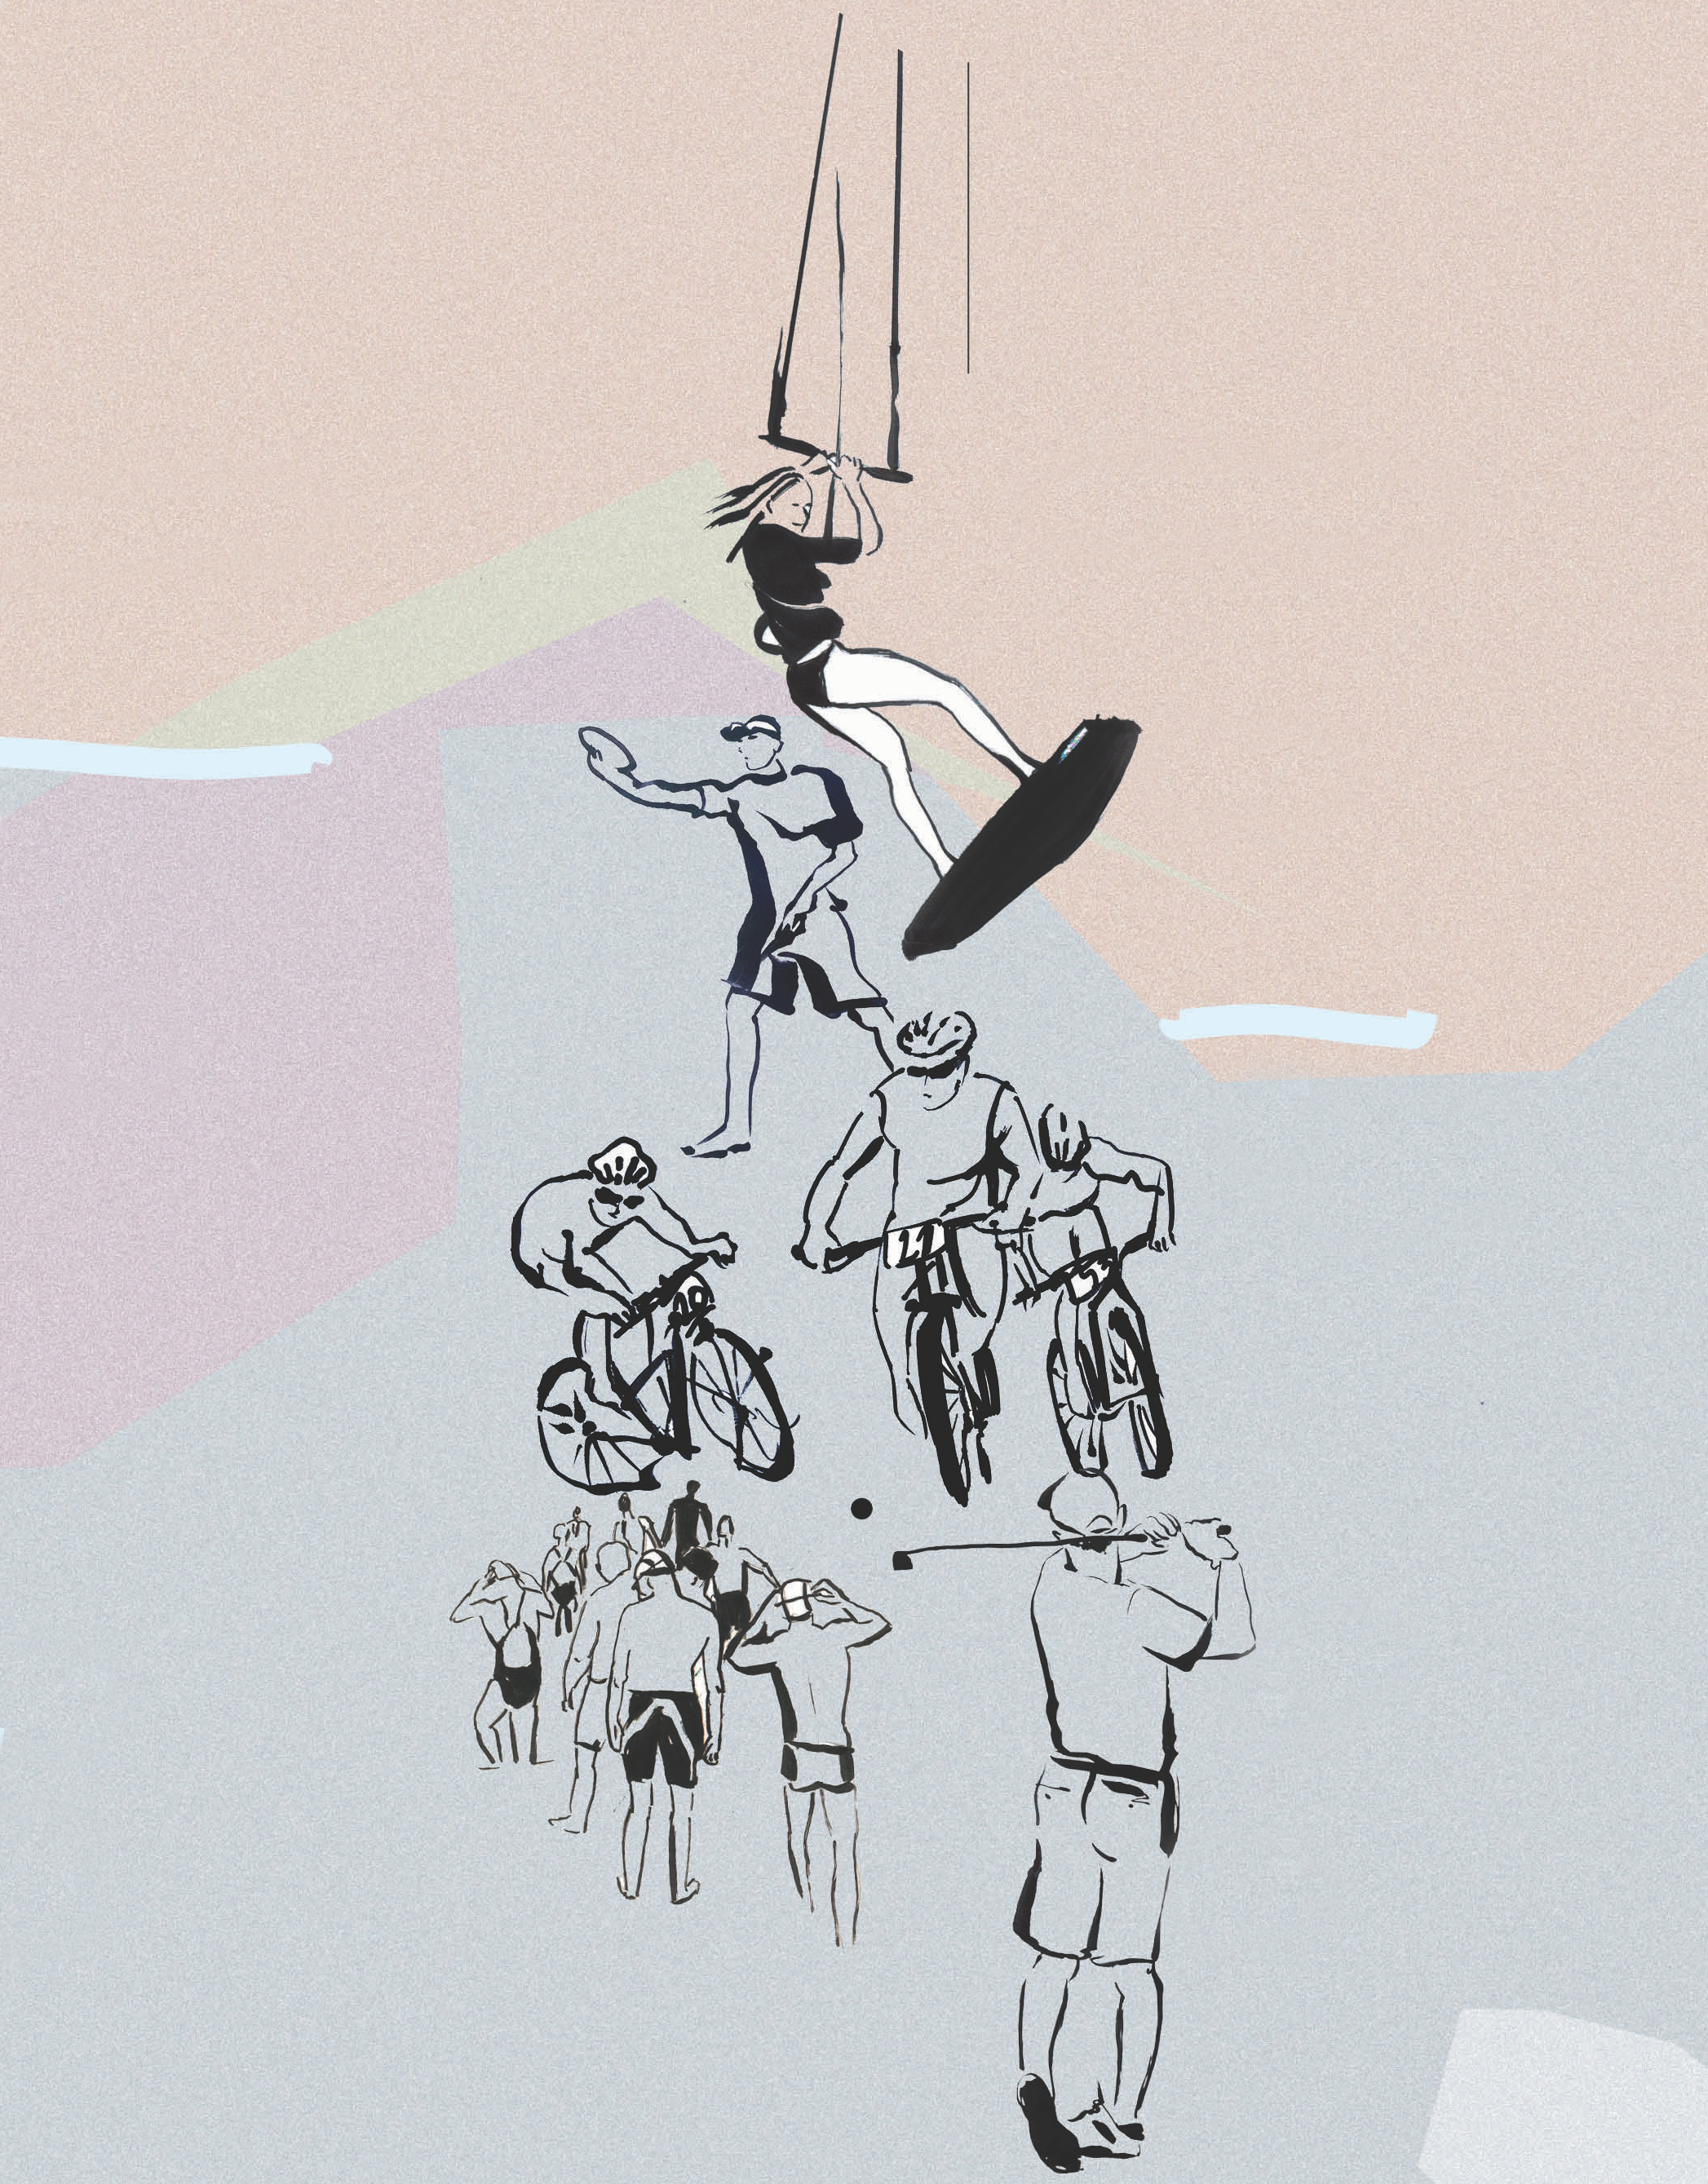 Illustration: EIKE MALVA ILLUSTRATION AND WALLART